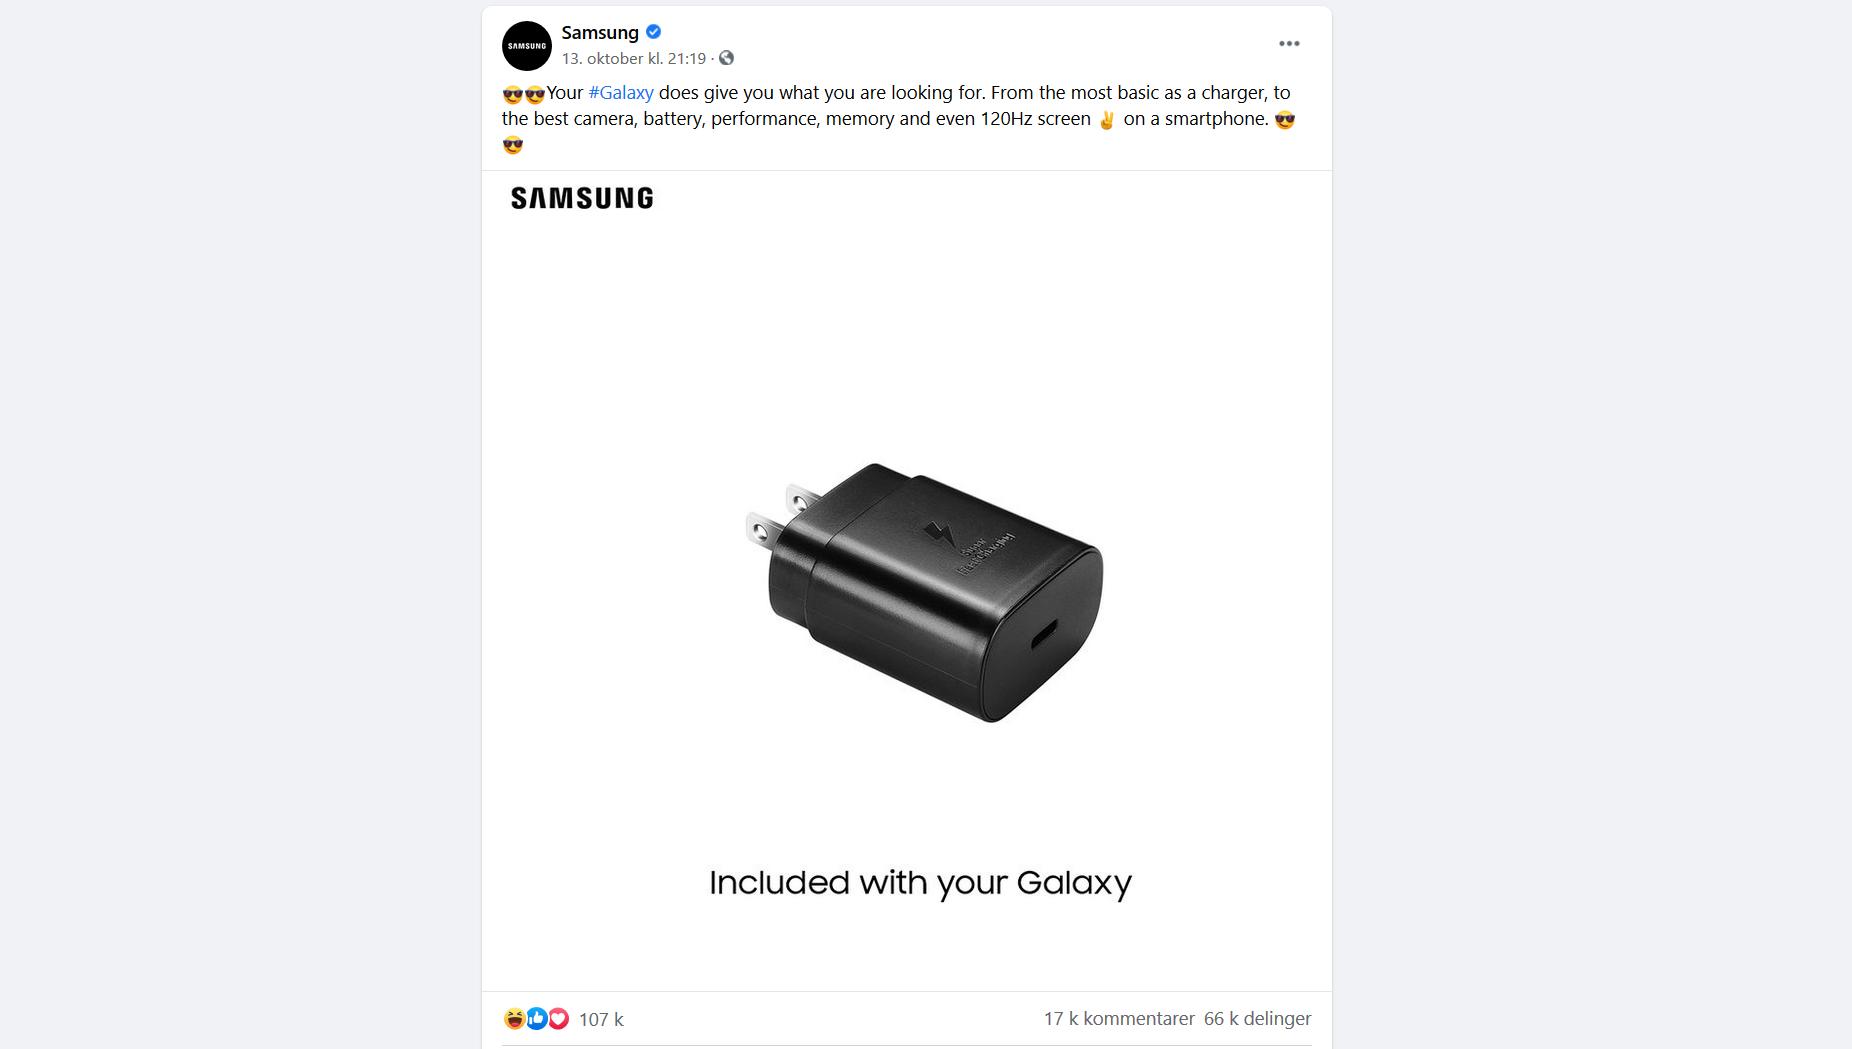 Jepp! Med Samsung får du lader inkludert. I hvert fall foreløpig.